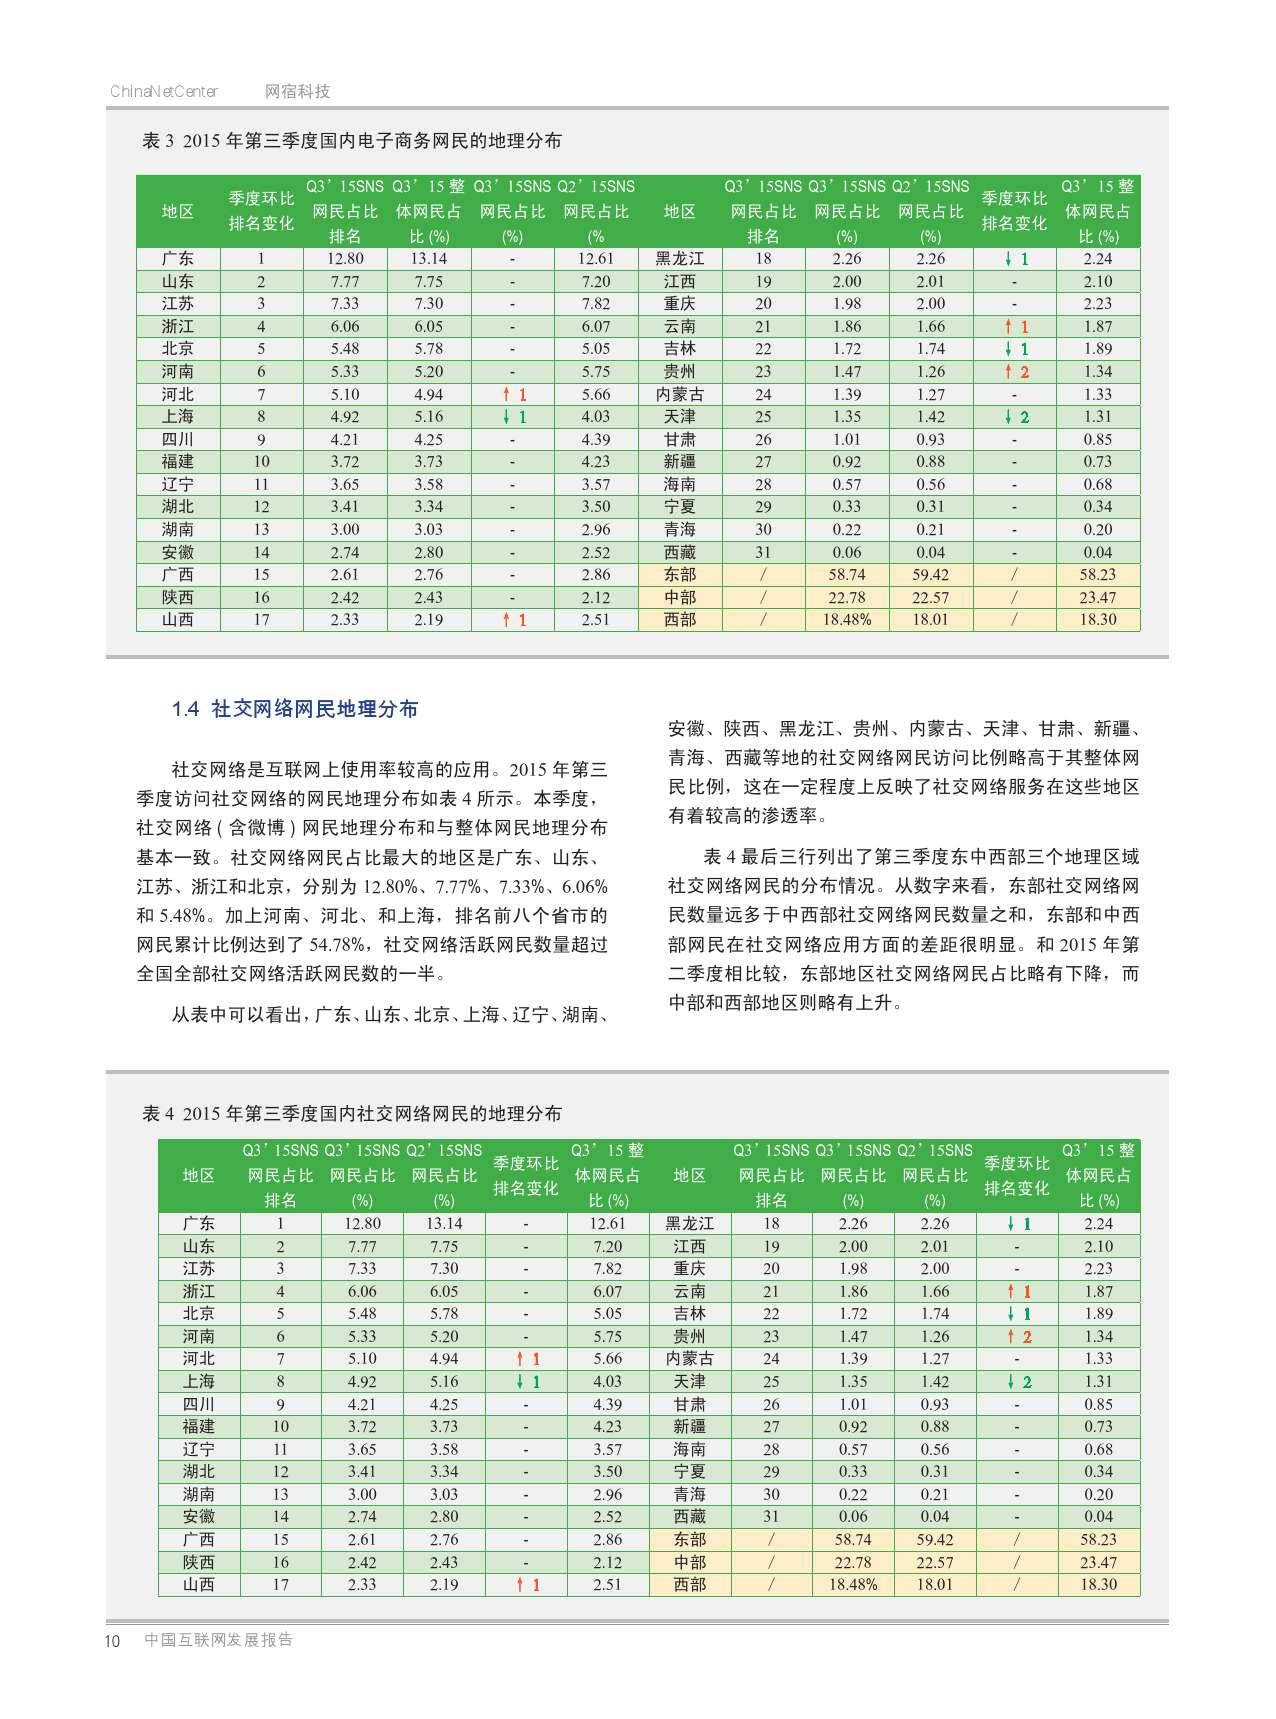 网宿:2015年Q3互联网报告_000009